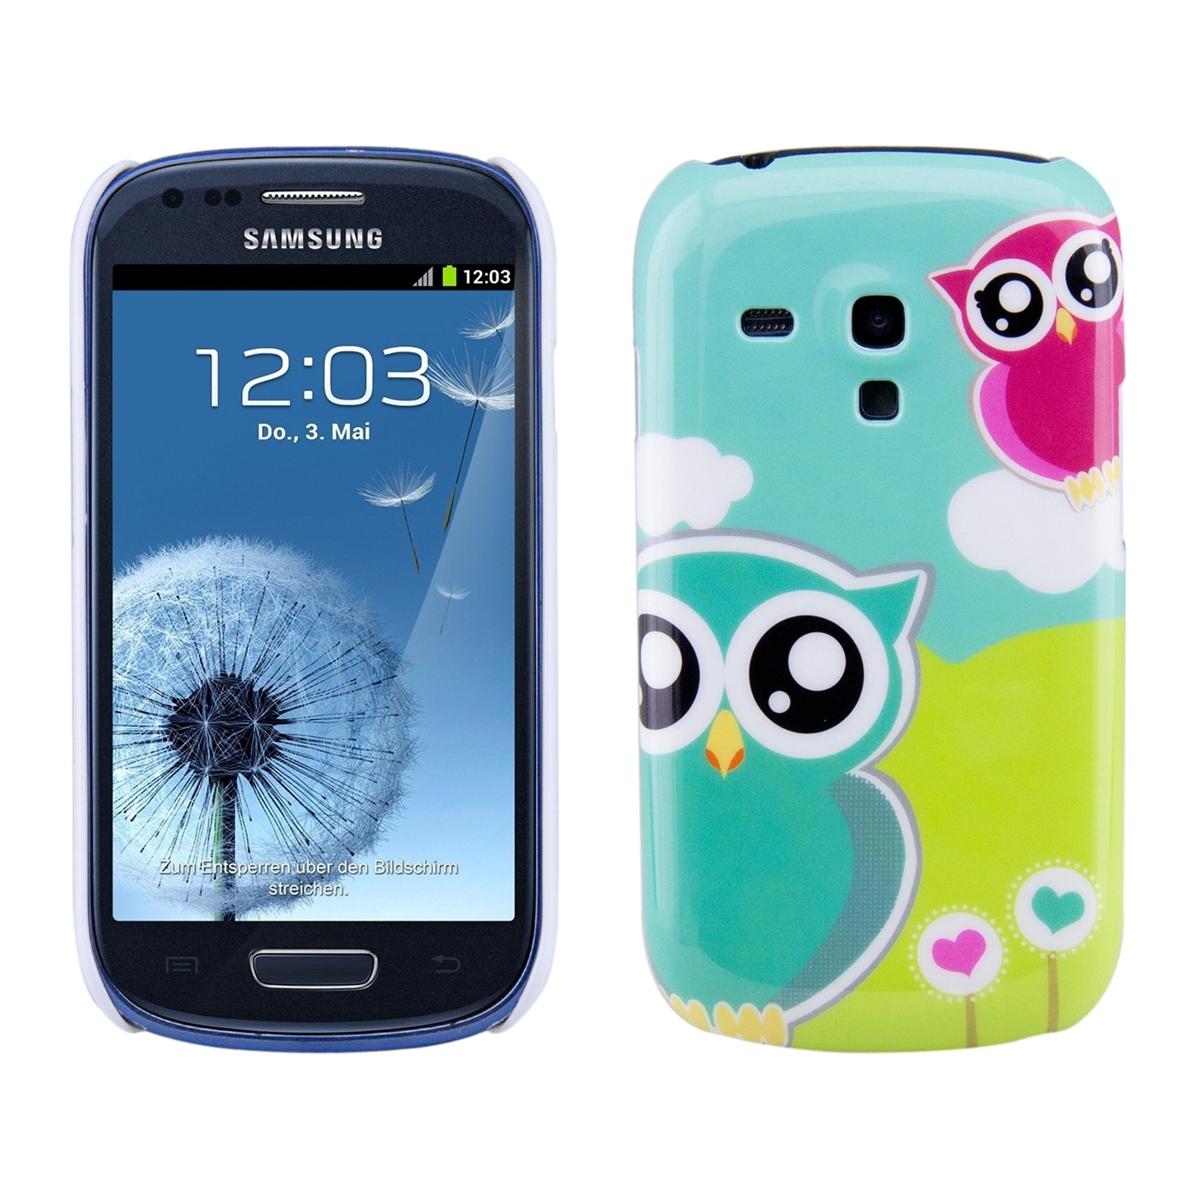 Replicas De Moviles Samsung S3